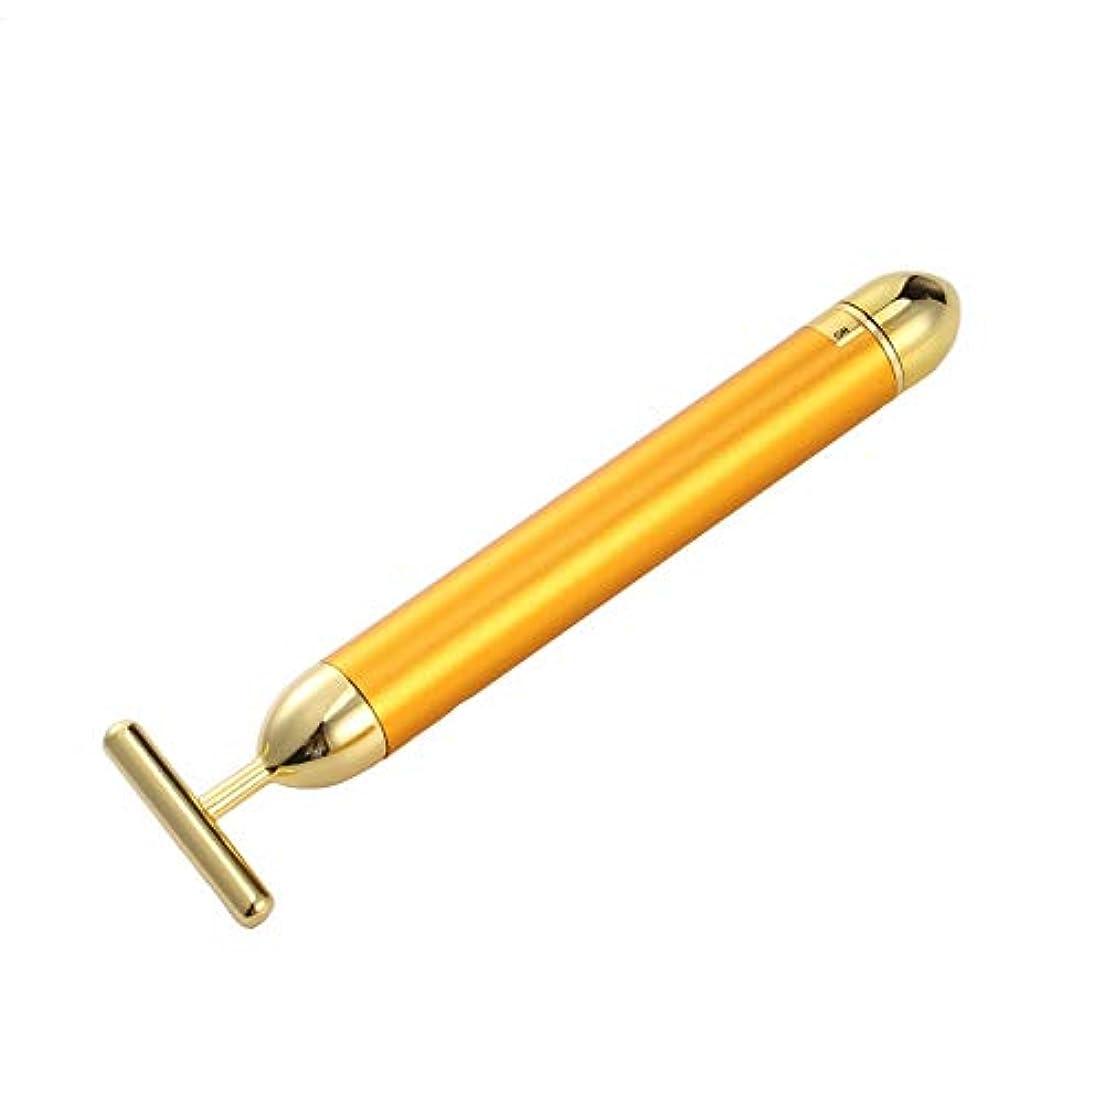 付属品マットありふれたHello 金の延べ棒24K電気金の美の薄い顔棒家庭用振動T型の表面の器械の美の器械 (Color : Golden)